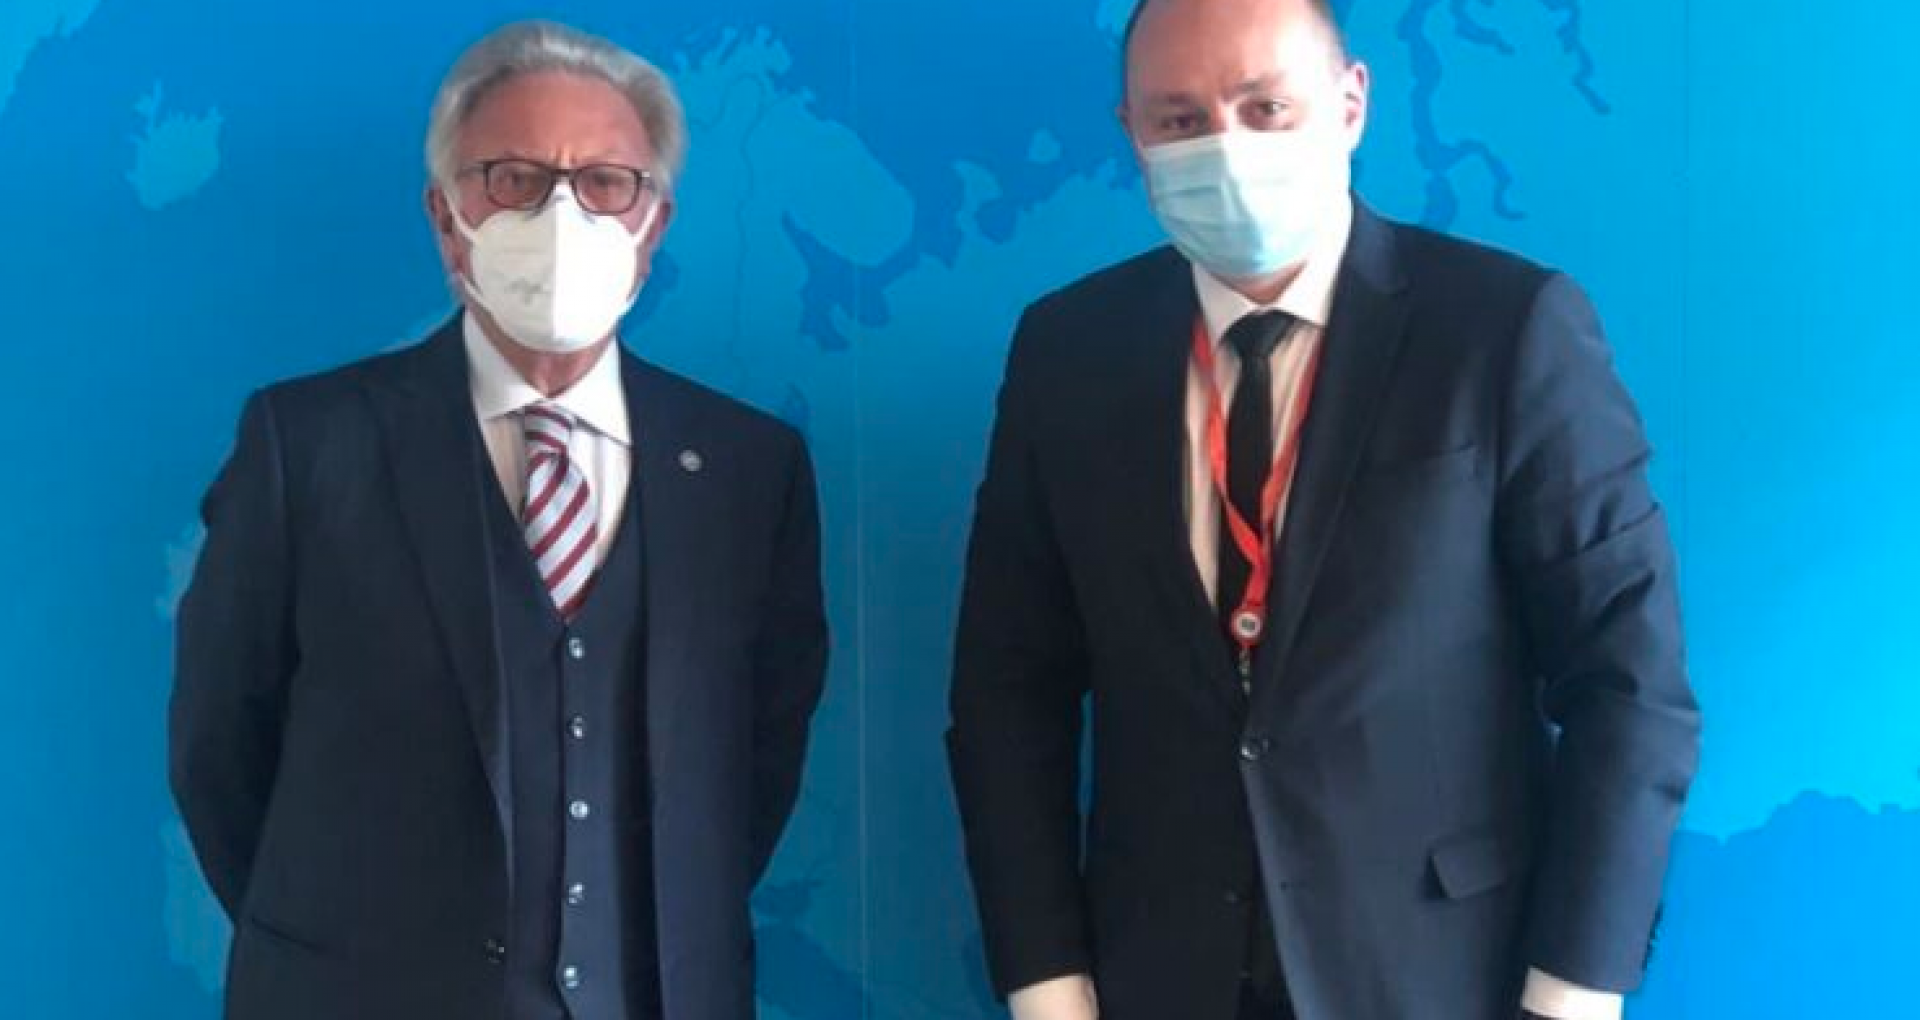 FOTO/ Parlamentul anunță că socialistul Vlad Batrîncea a discutat cu președintele Comisiei de la Veneția despre avizul CC privind constatarea circumstanțelor care justifică dizolvarea Legislativului de la Chișinău